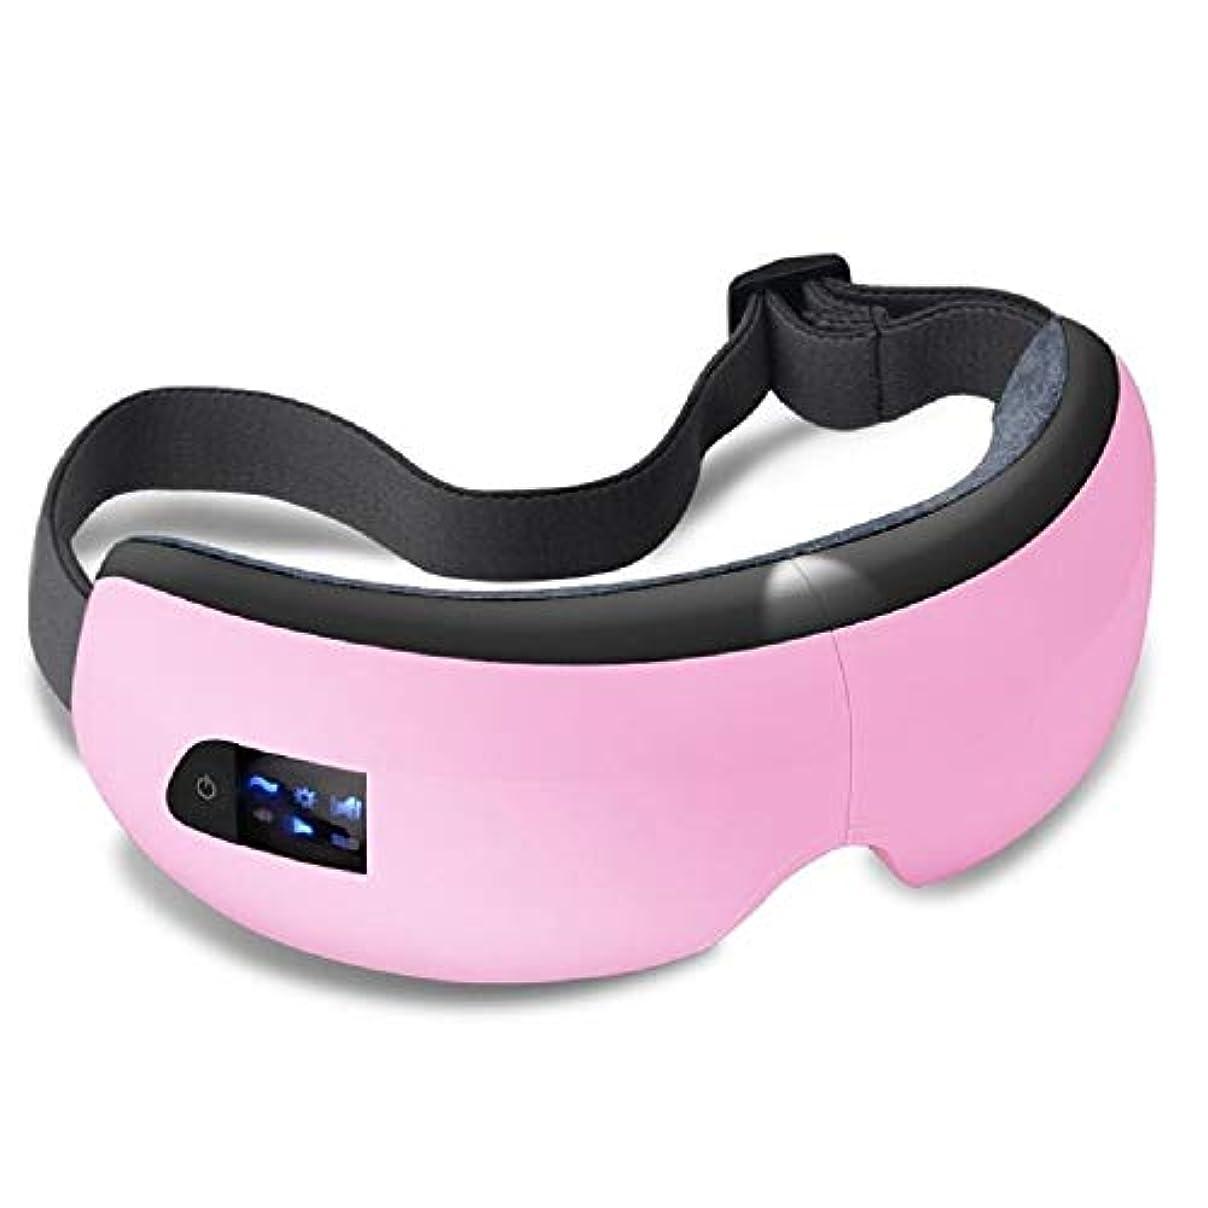 真向こう半島上げるMeet now ホットプレス充電式アイマッサージャー付きのスタイリッシュなワイヤレスインテリジェント電気アイプロテクター 品質保証 (Color : Pink)